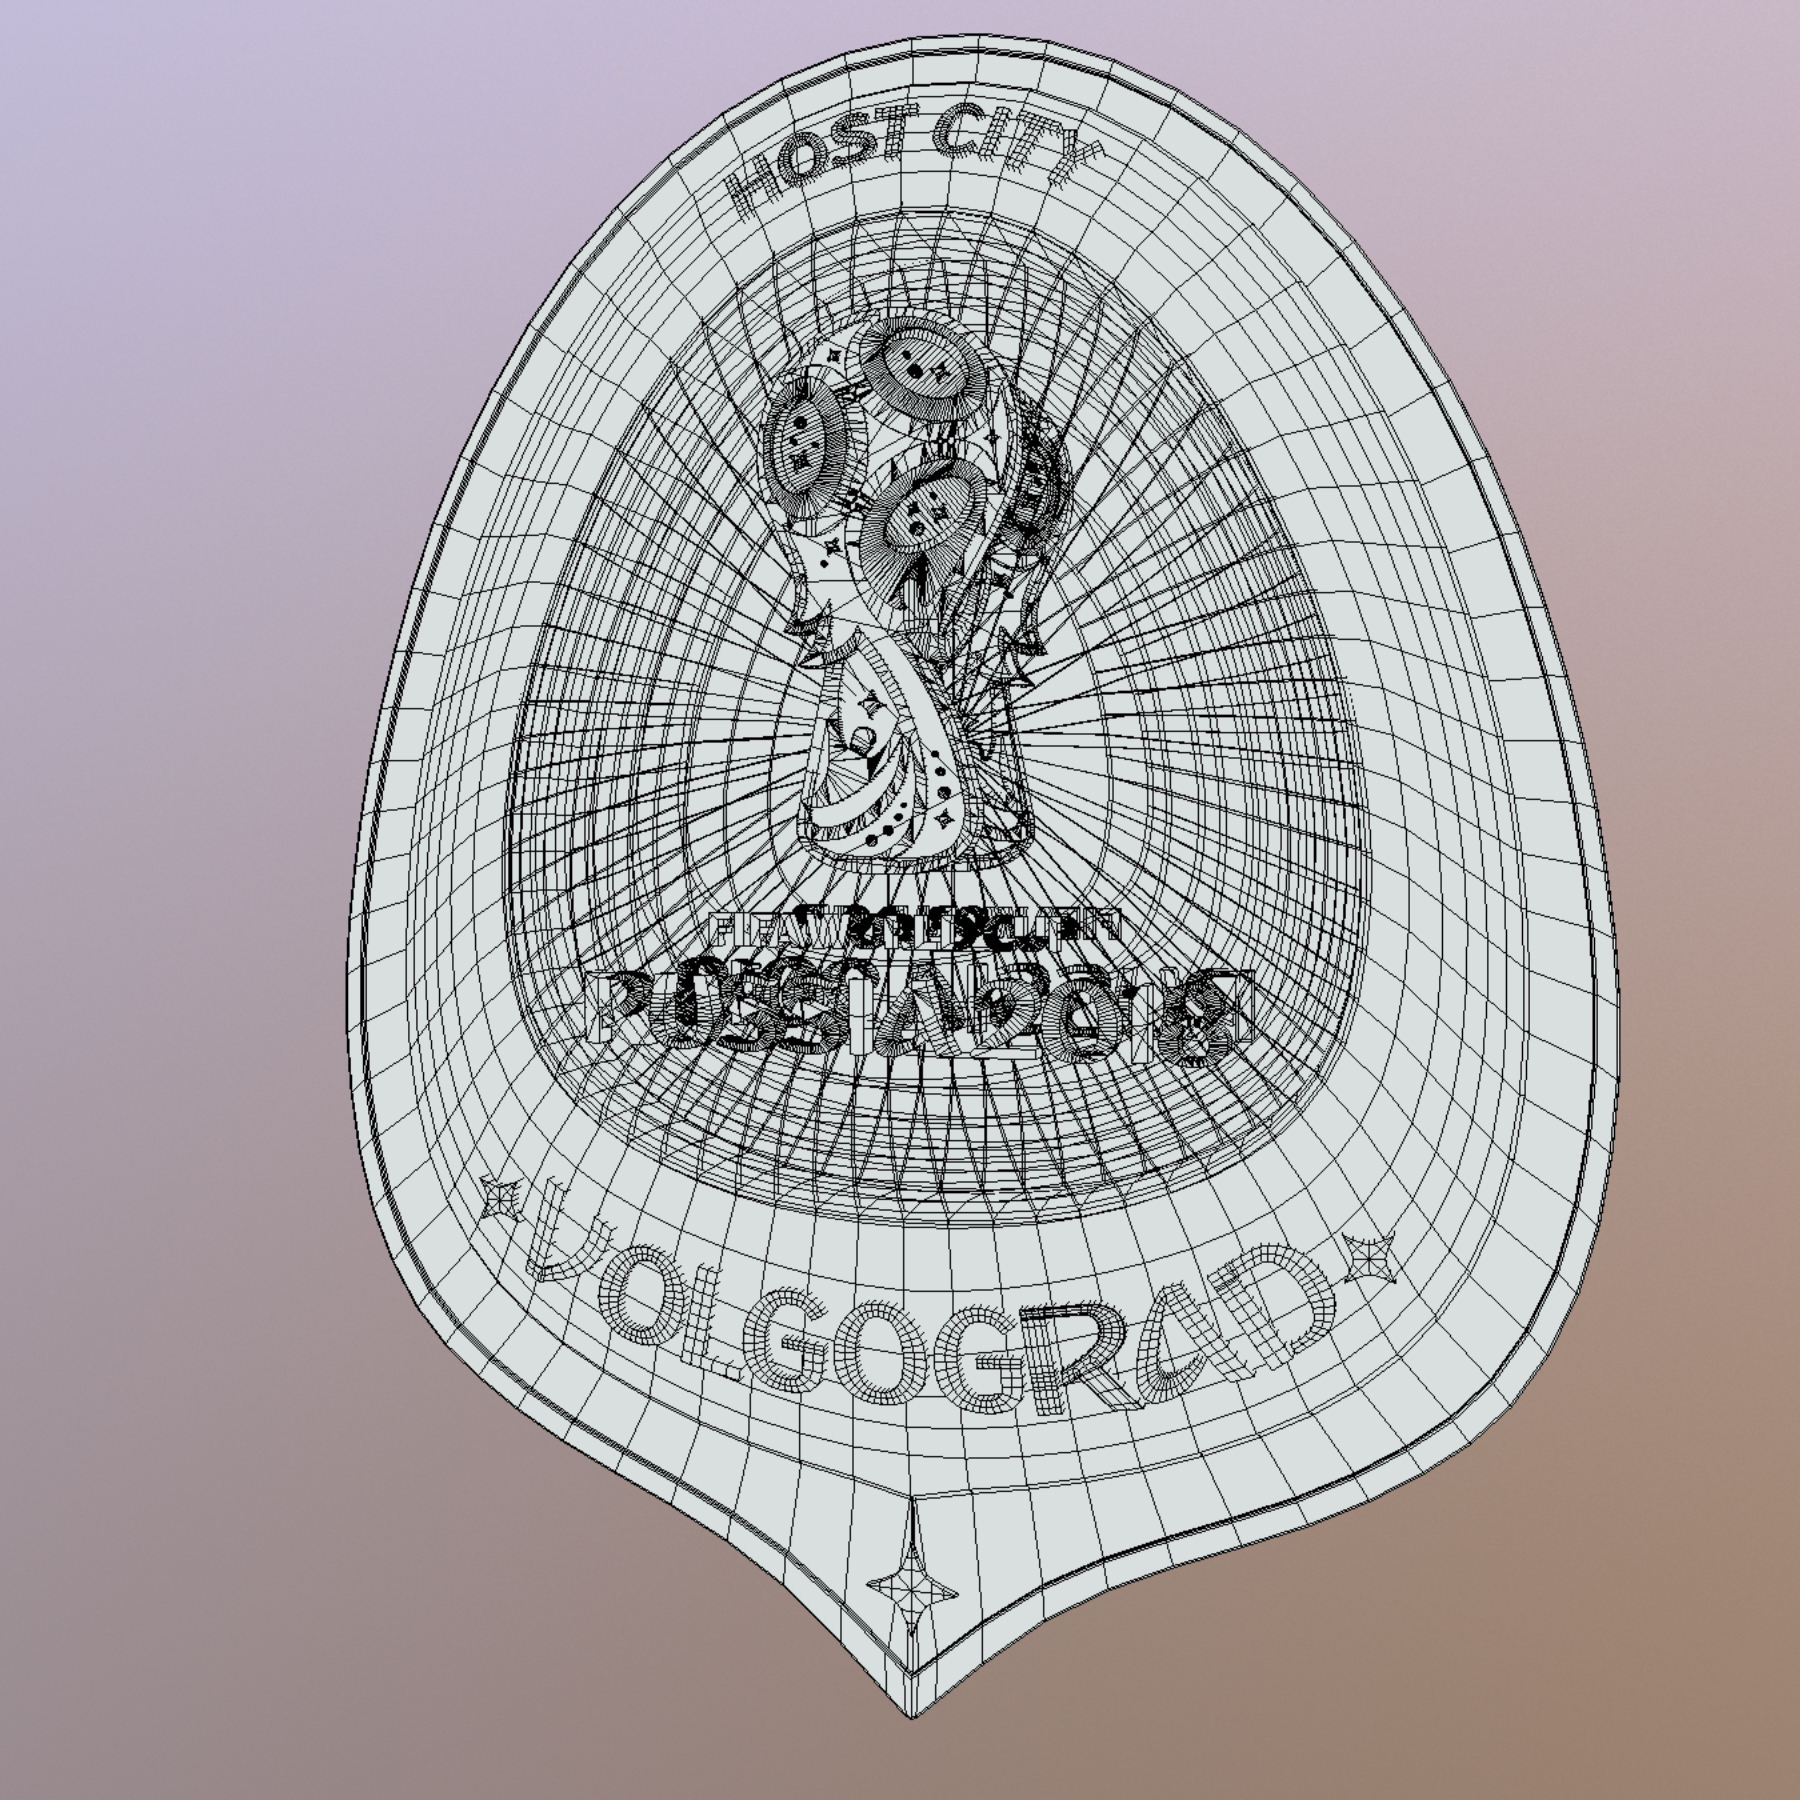 volgograd host city world cup russia 2018 symbol 3d model max  fbx jpeg jpg ma mb obj 271872